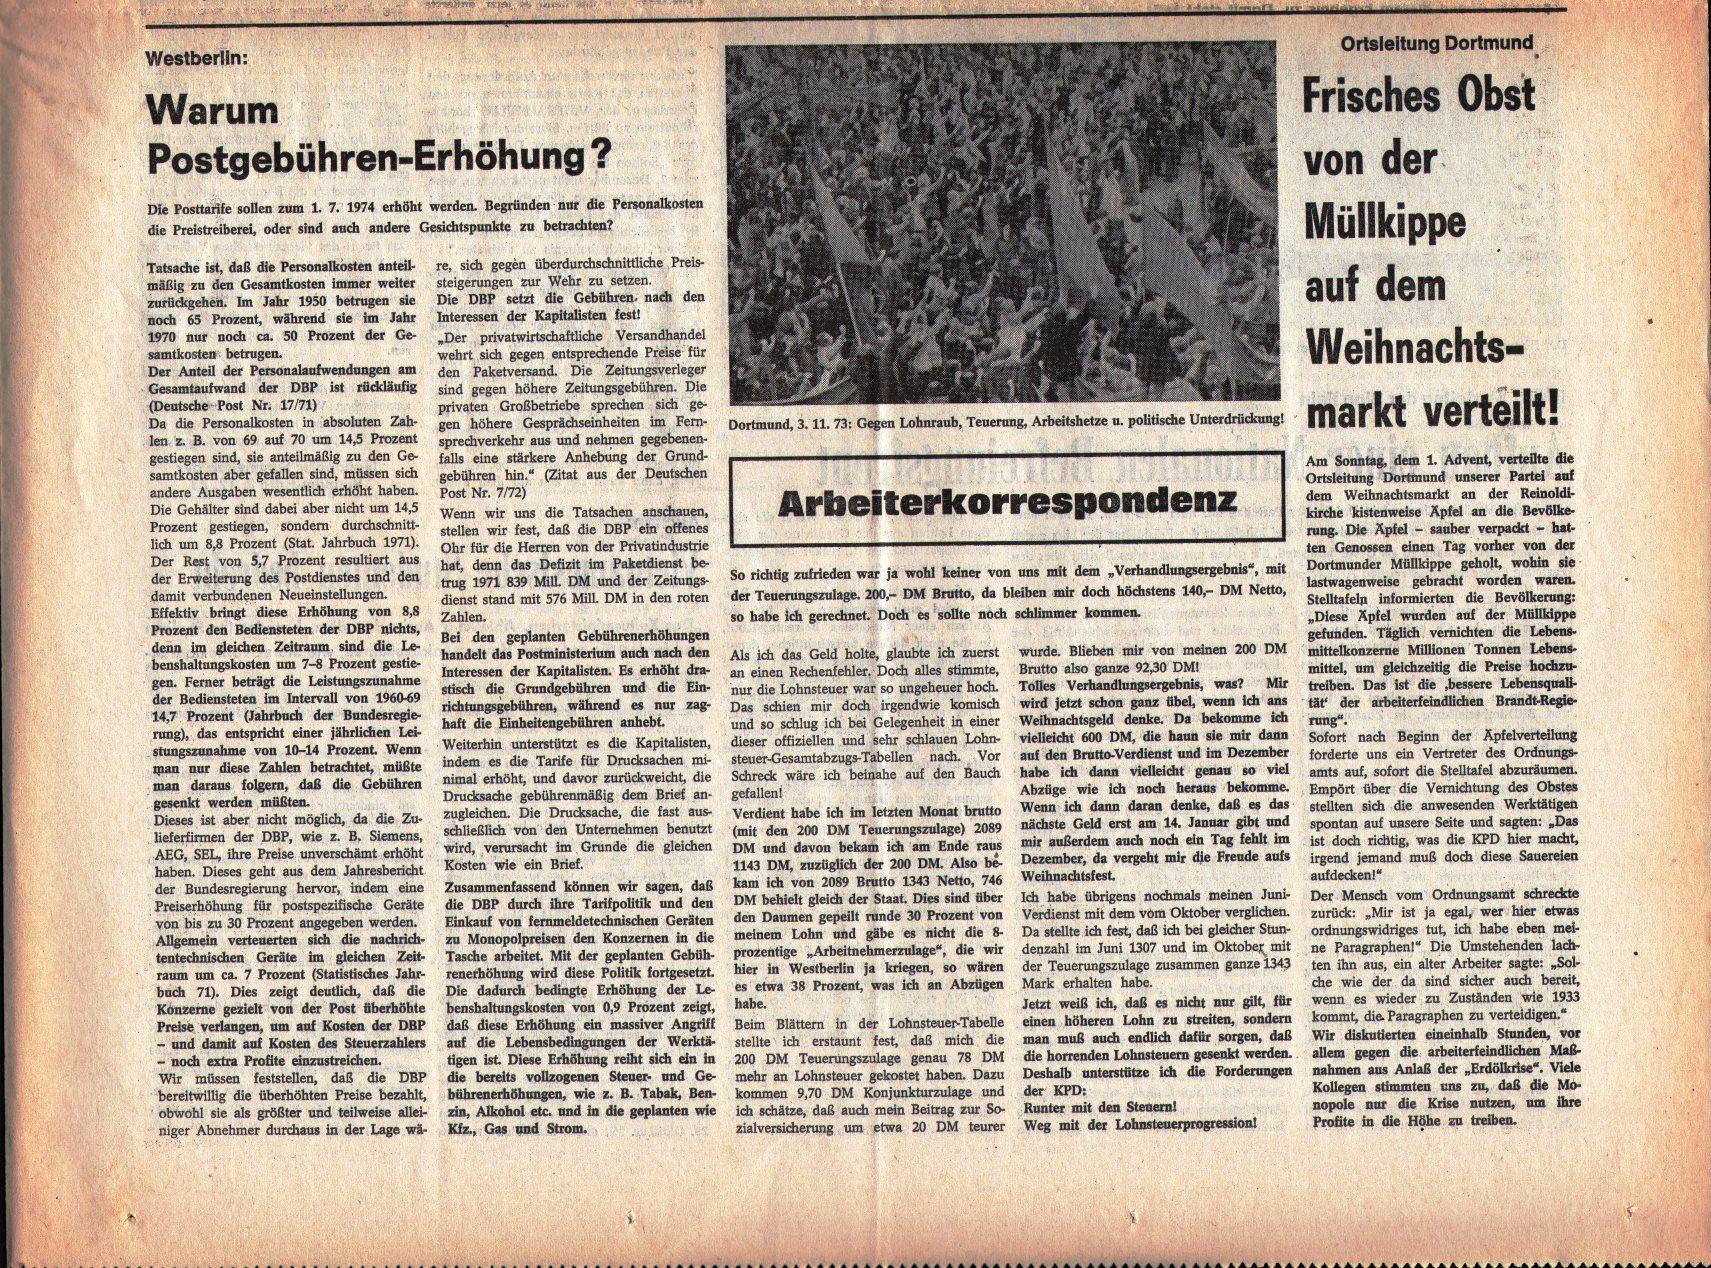 KPD_Rote_Fahne_1973_49_10